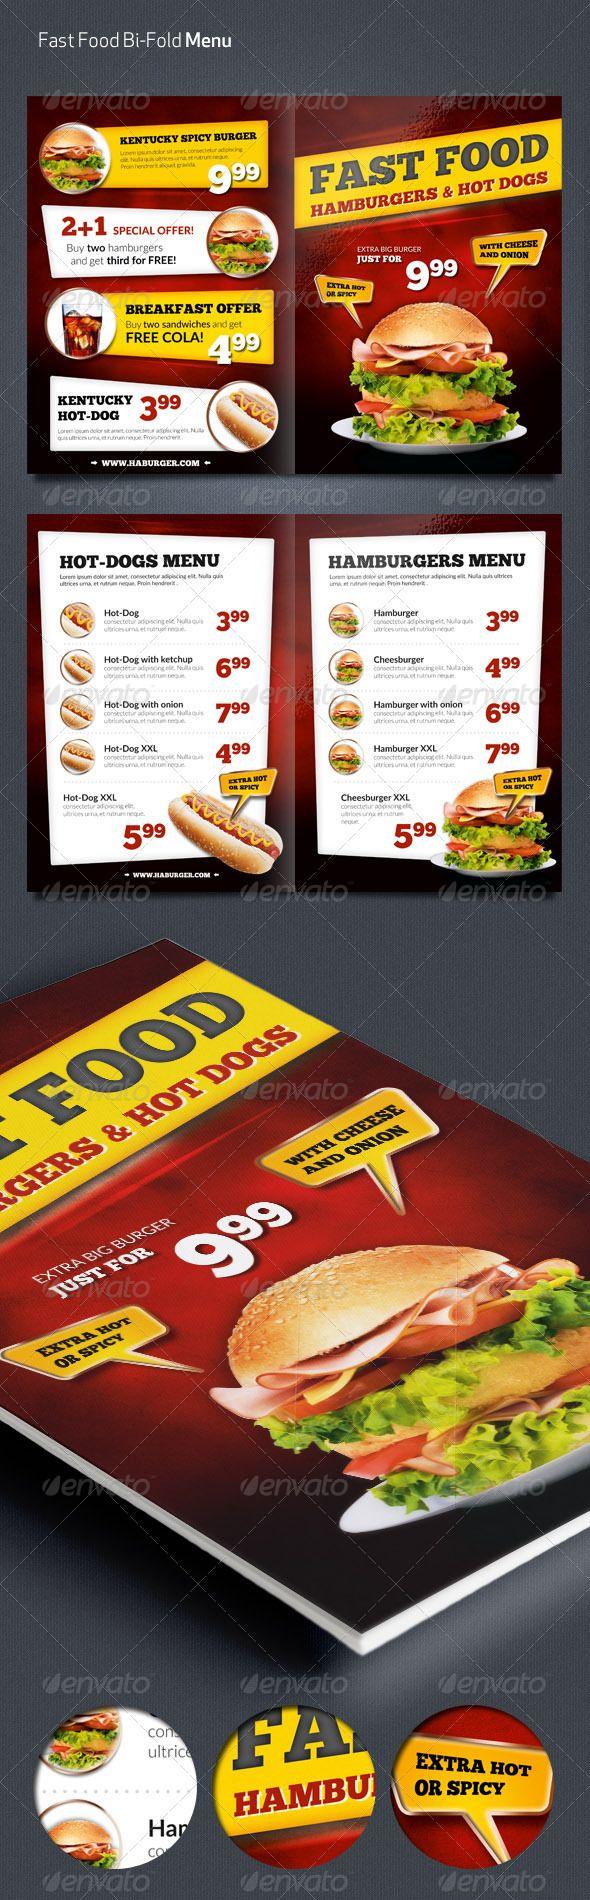 Fast Food Menu Flyer Template #design Download: http://graphicriver.net/item/fast-food-menu-flyer/7309491?ref=ksioks